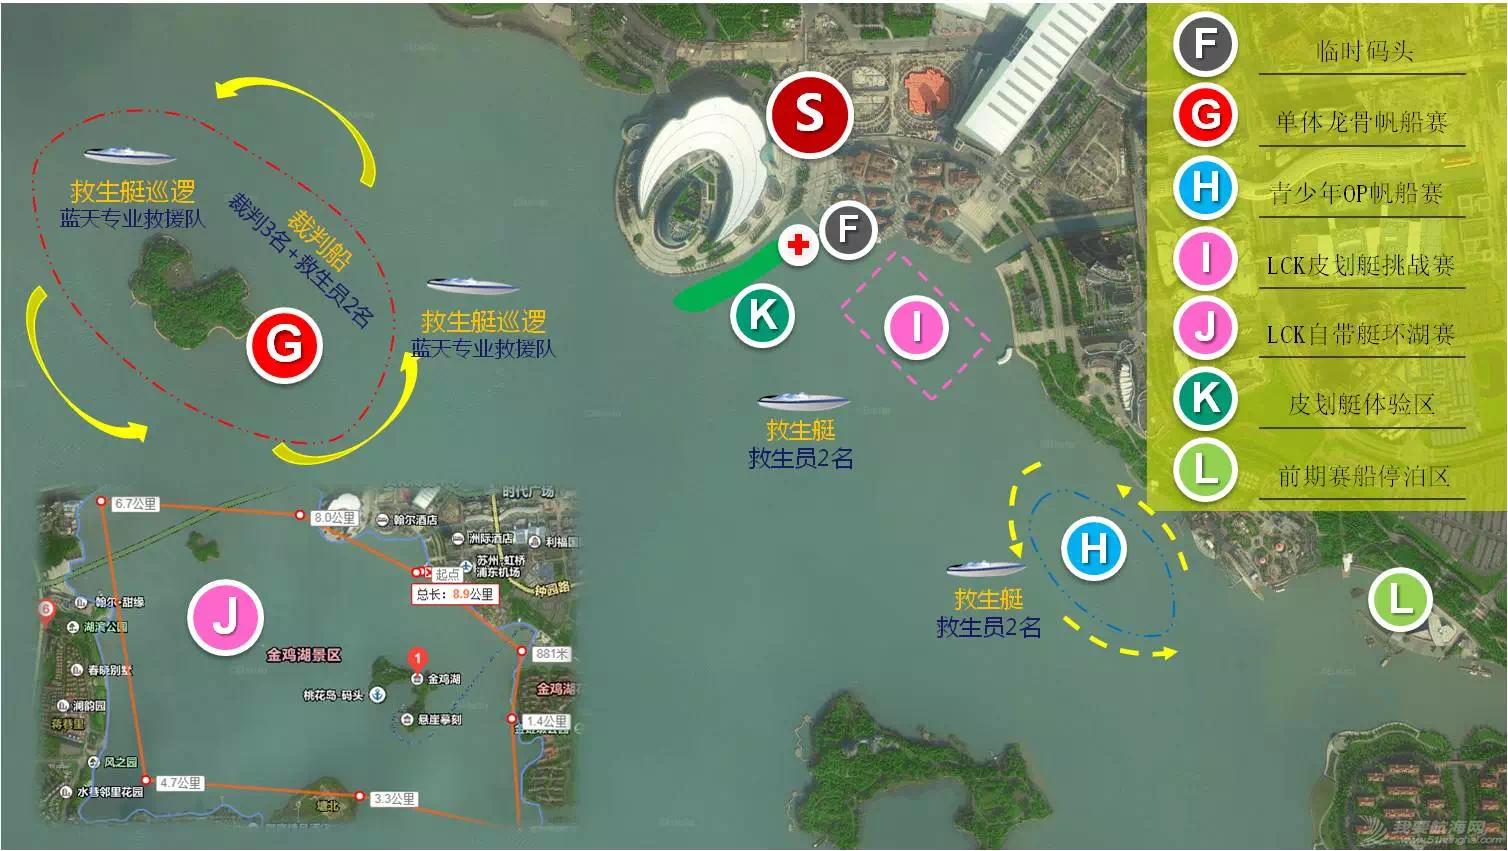 金鸡,公告 金鸡湖1号•城际内湖杯2016金鸡湖帆船赛公告 姘村煙.png